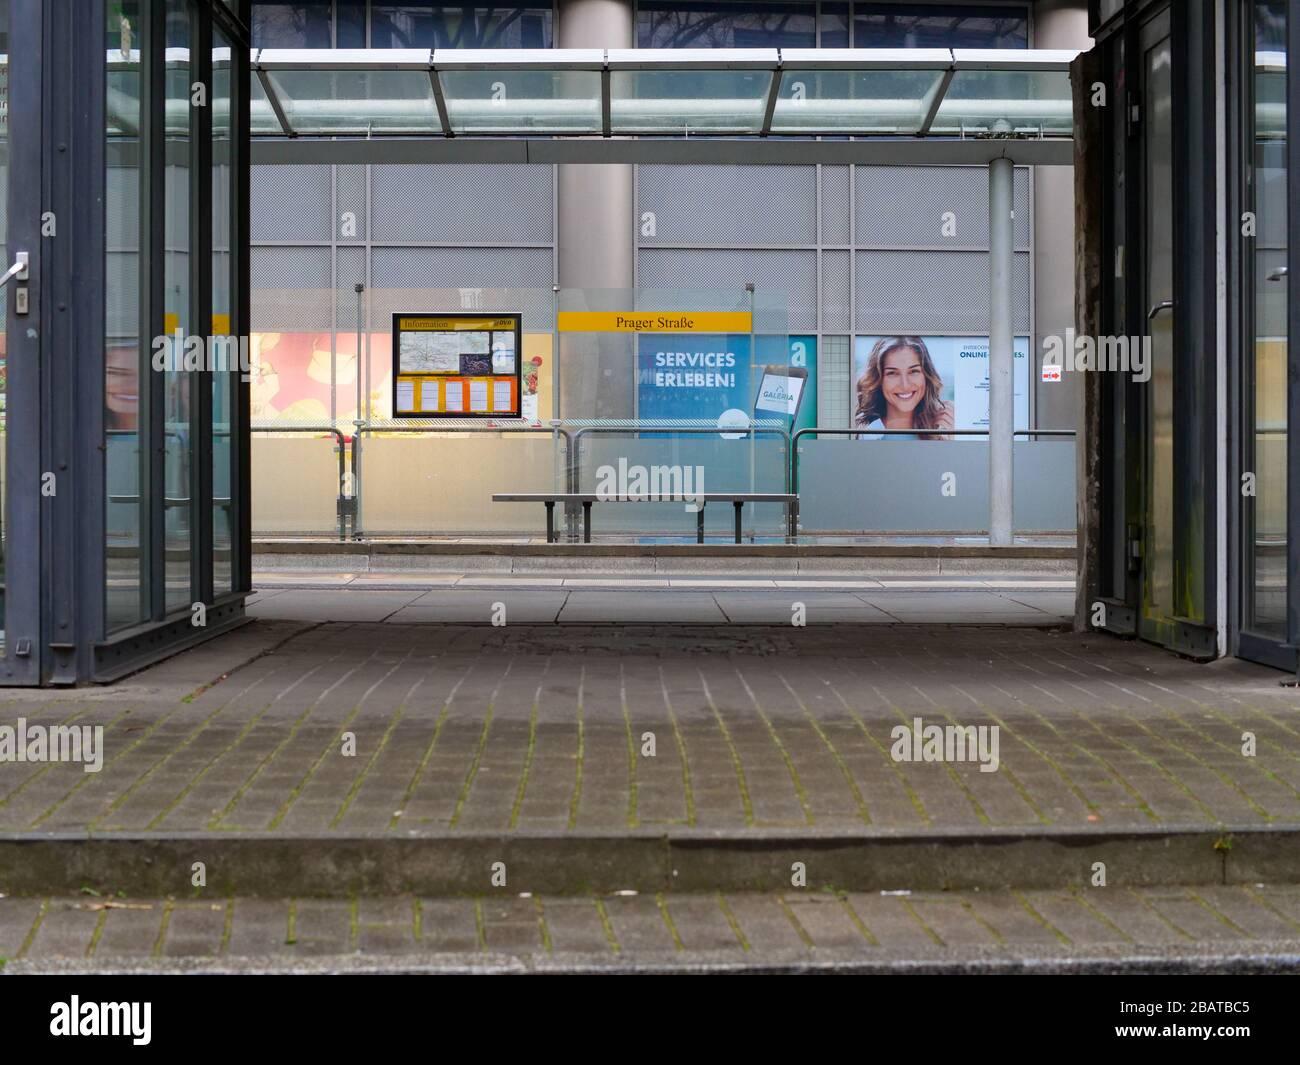 Haltestelle Dresden Prager Straße Werbung leer ohne Menschen Foto de stock